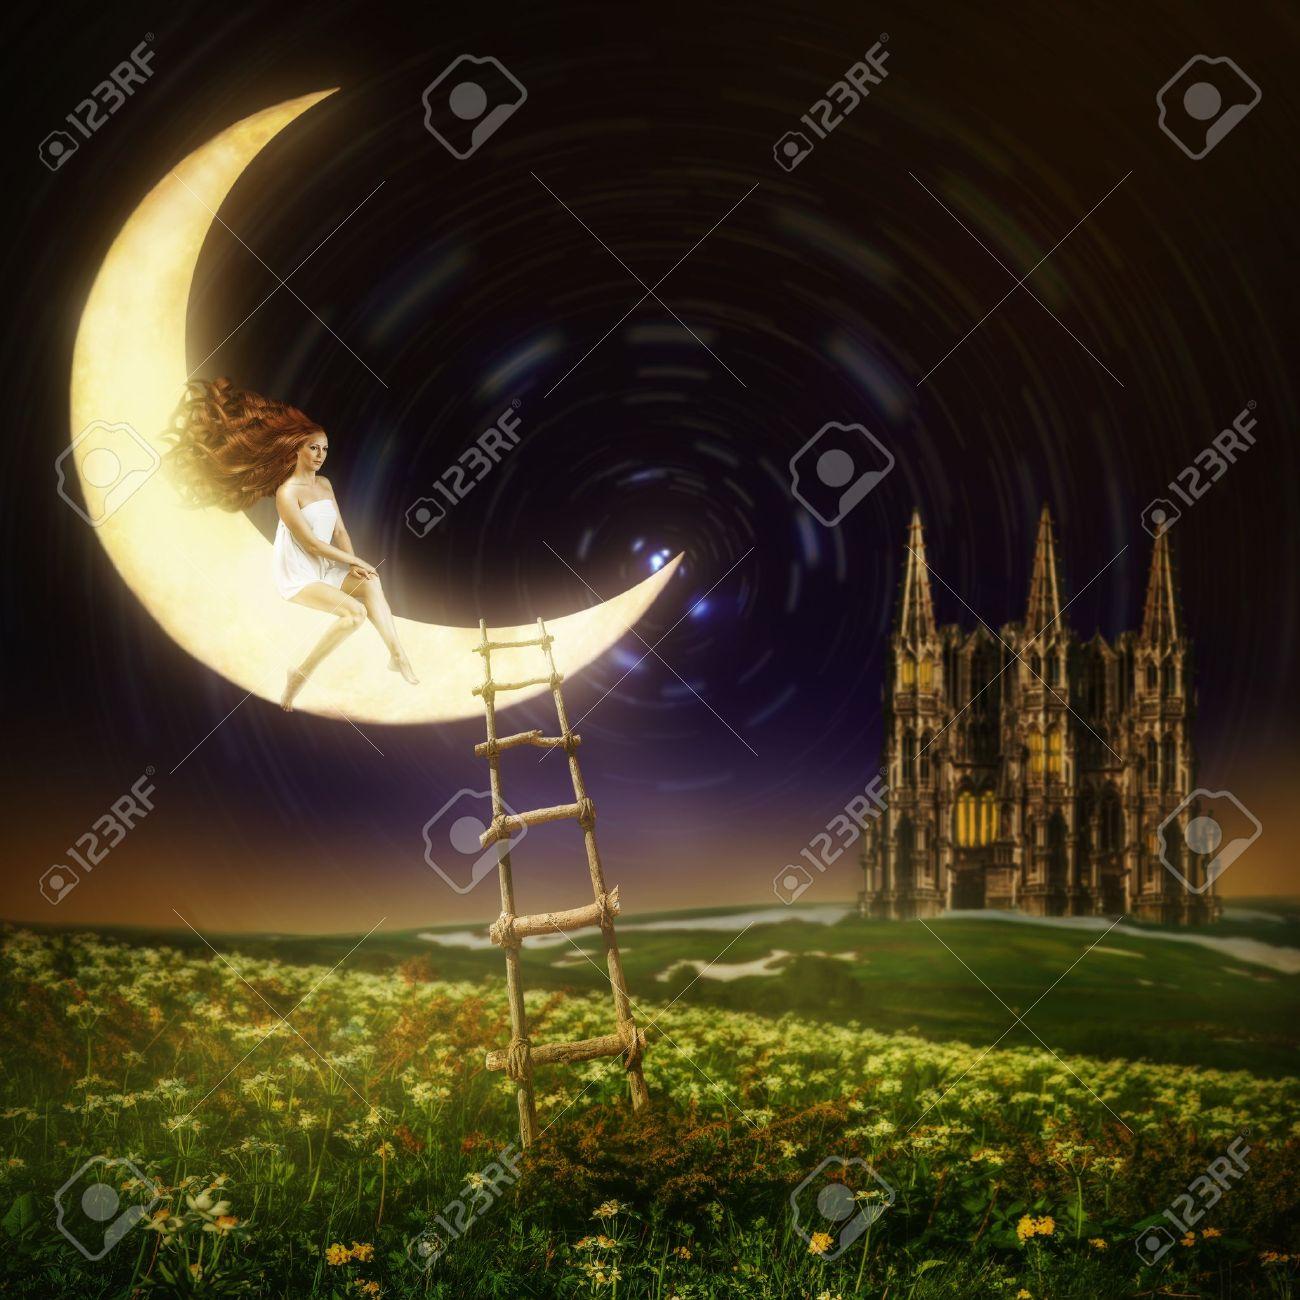 http://previews.123rf.com/images/katalinks/katalinks1306/katalinks130600021/20258587-Wonderland-Belle-princesse-femme-assise-sur-la-lune-dans-le-ciel-de-nuit-avec-les-toiles-Banque-d'images.jpg